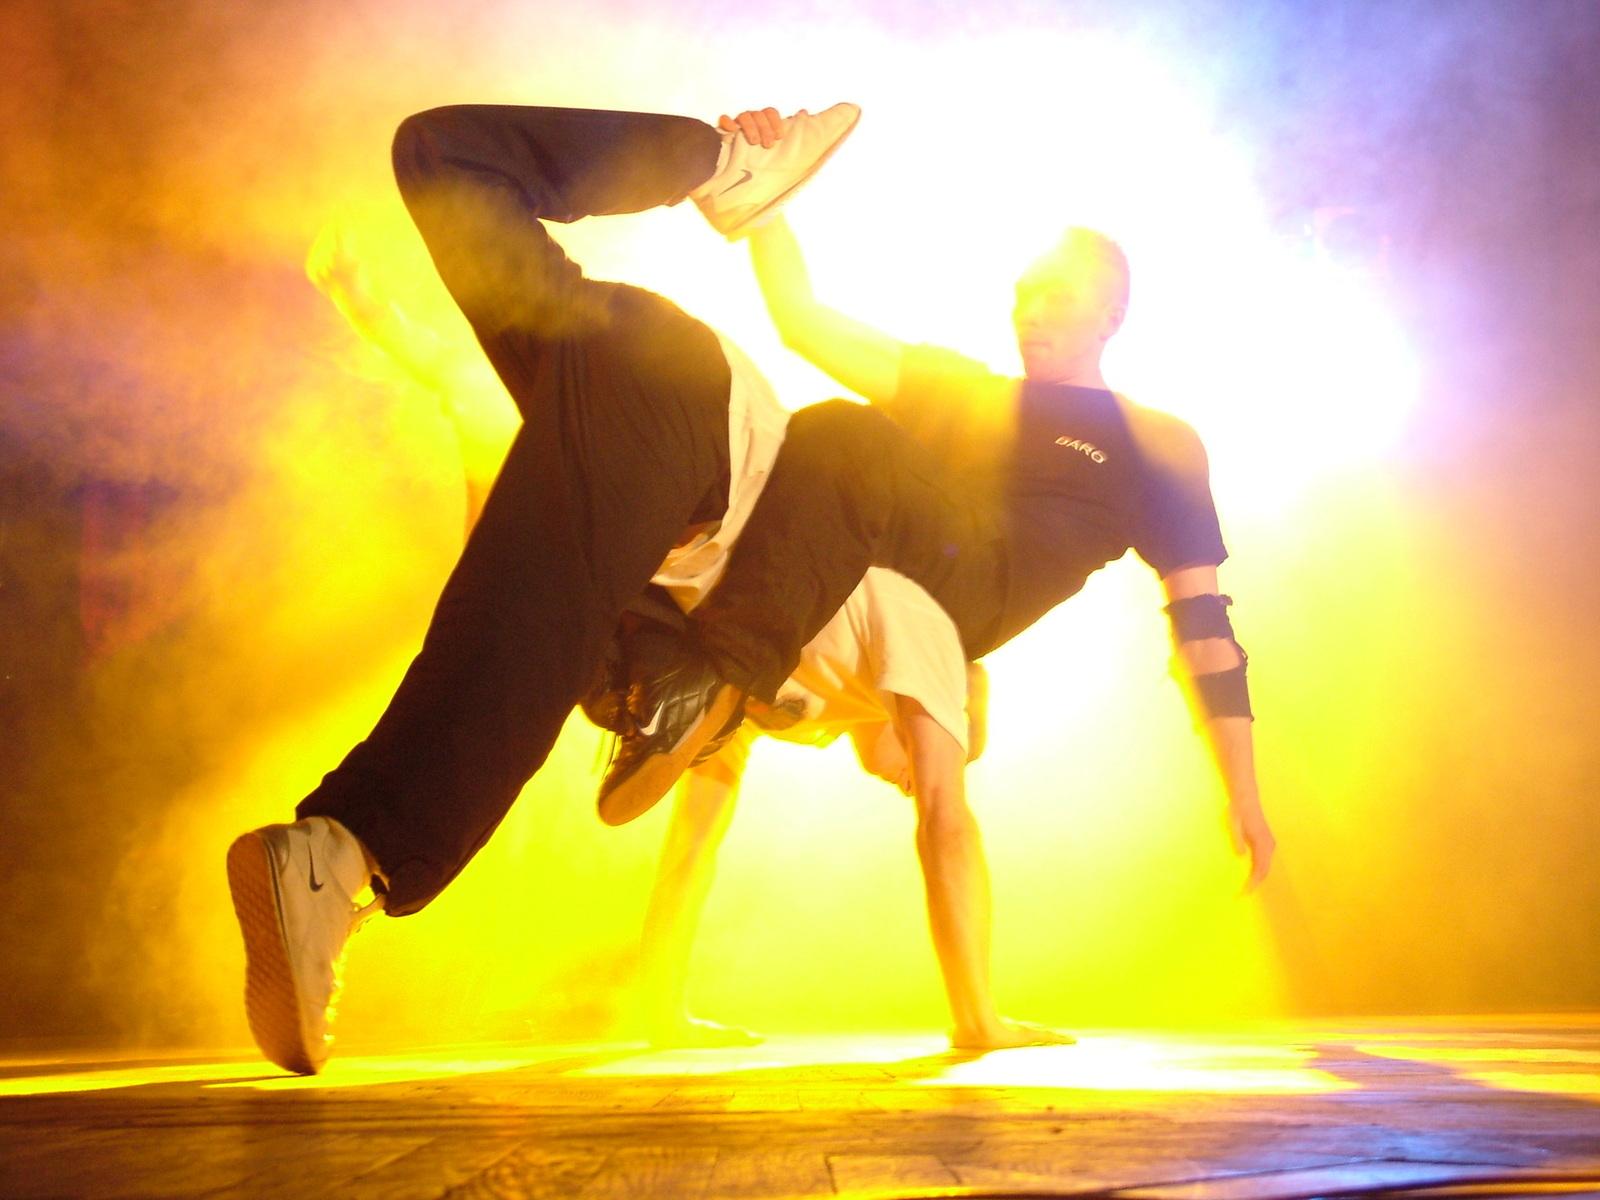 """Pühapäeval toimub Linnahalli katusel noorte tantsuvõistlus """"Team-up battle"""""""